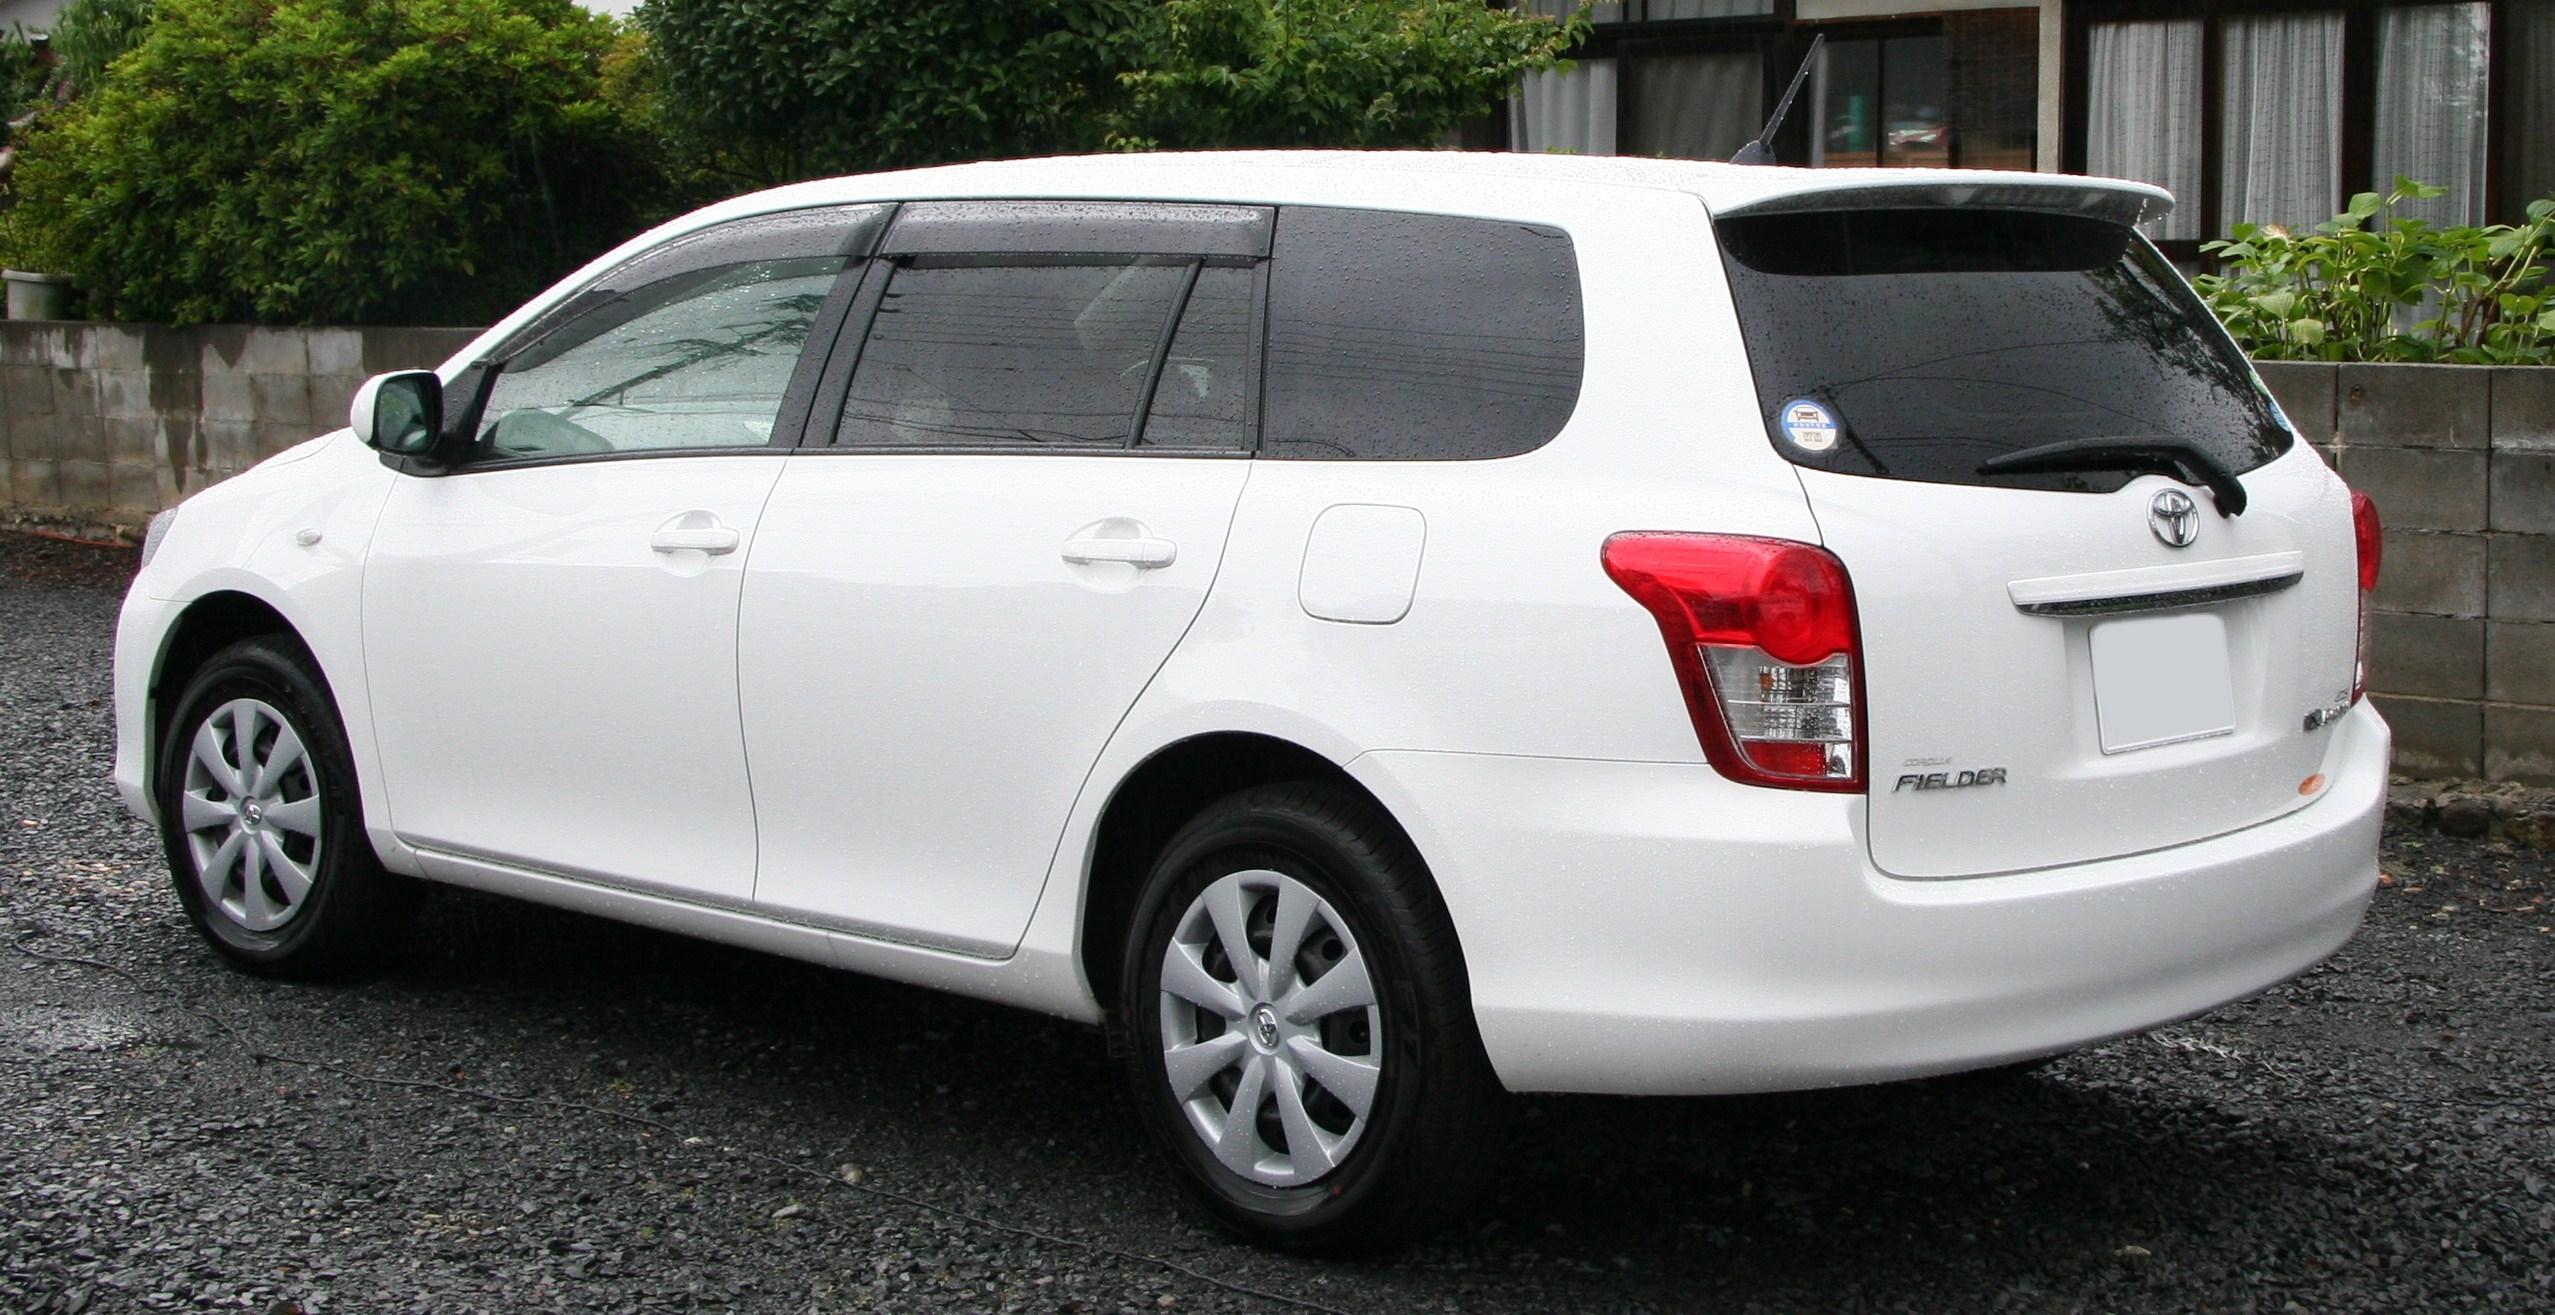 Модель Filder технически является моделью Corolla в кузове универсал